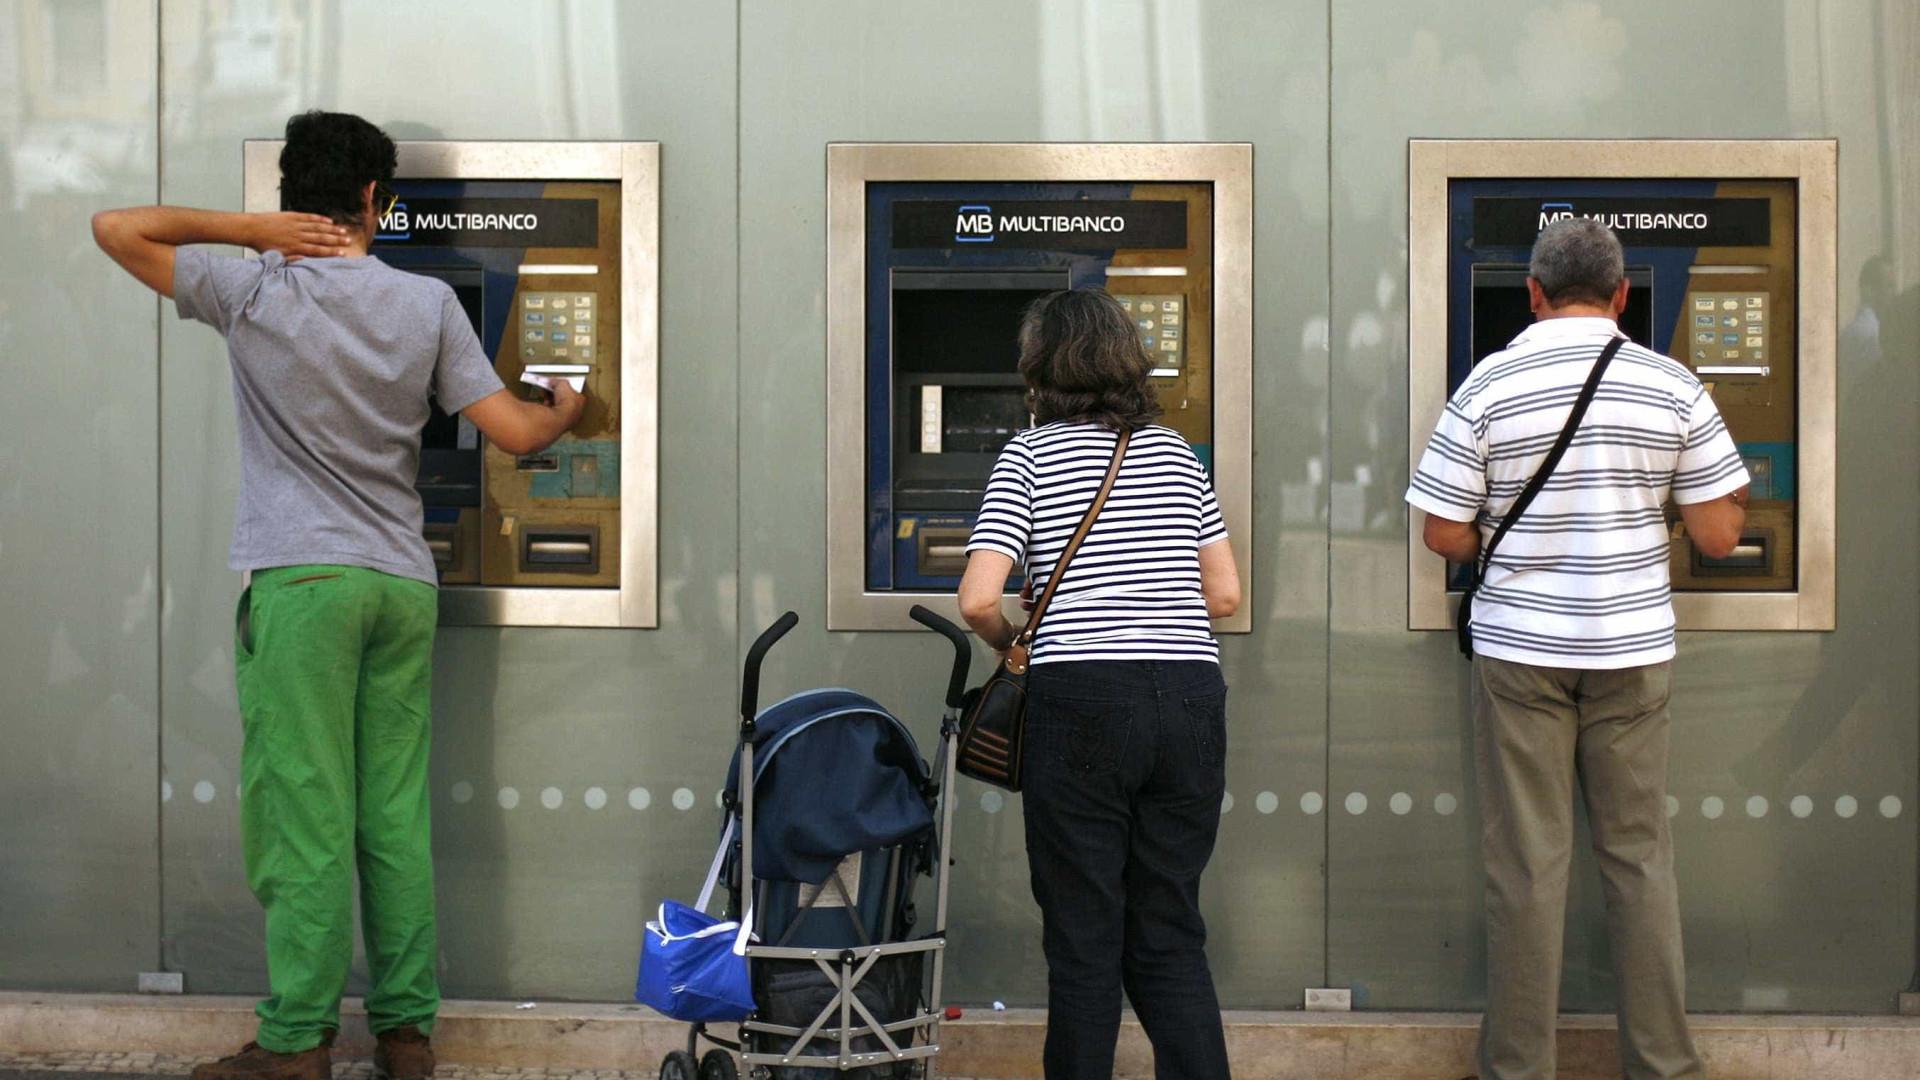 Portal da Queixa recebeu 290 reclamações sobre a banca no ano passado